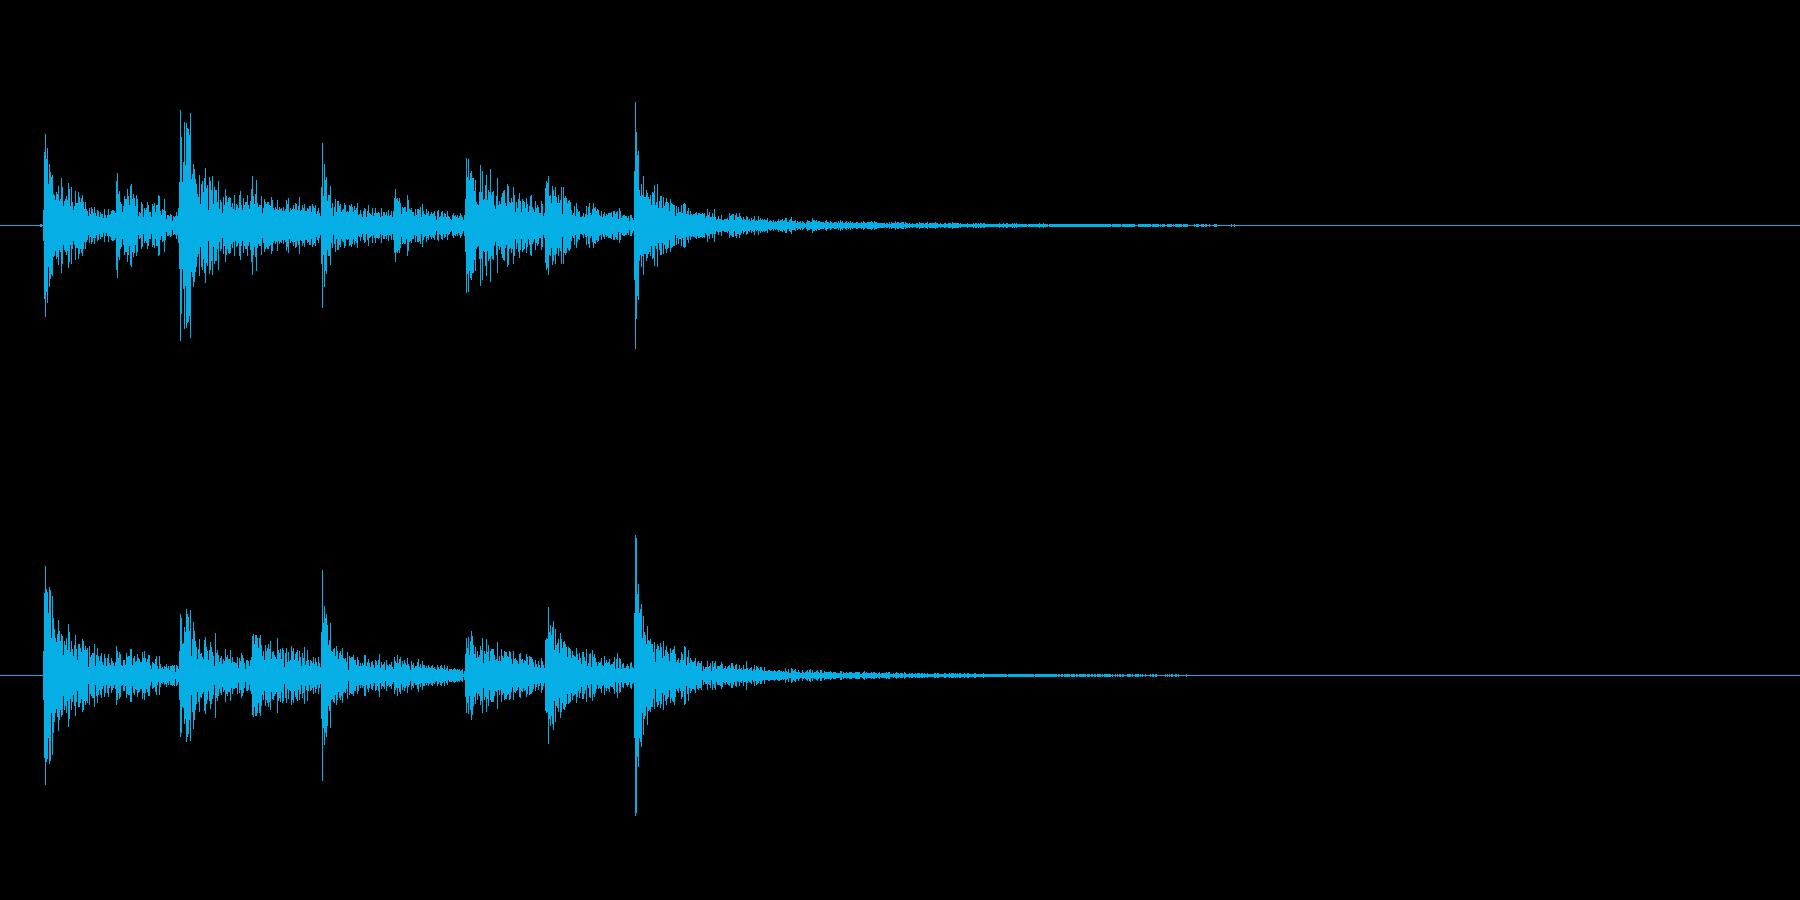 ティンパニ、(手)、アクセント、シ...の再生済みの波形